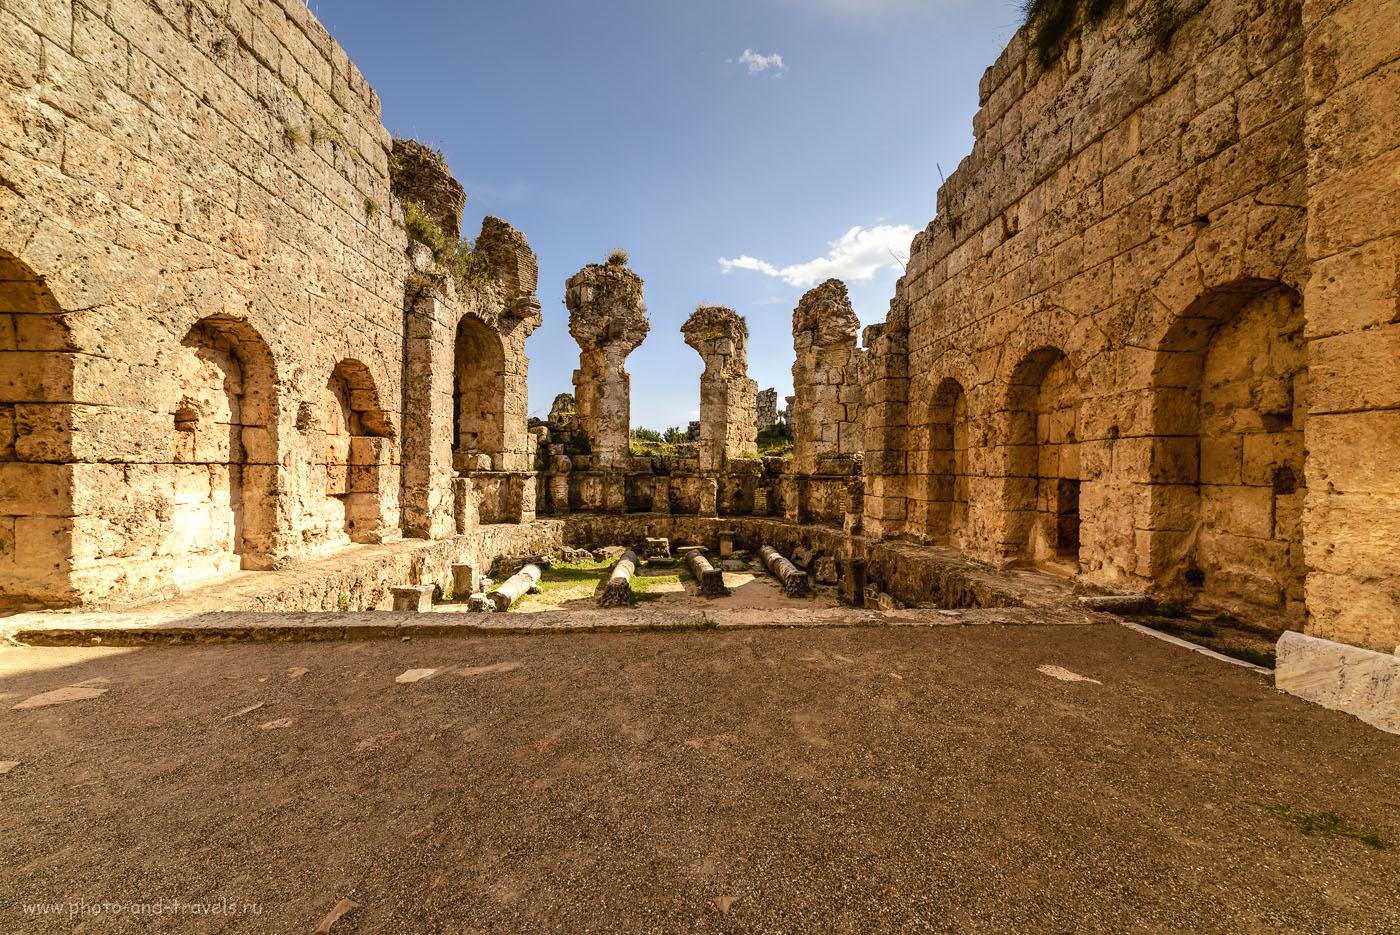 Фото 27. Дворик у входа в Римские бани. Отчет об экскурсии в Перге. Объектив Самъянг 14мм, тонмаппинг.